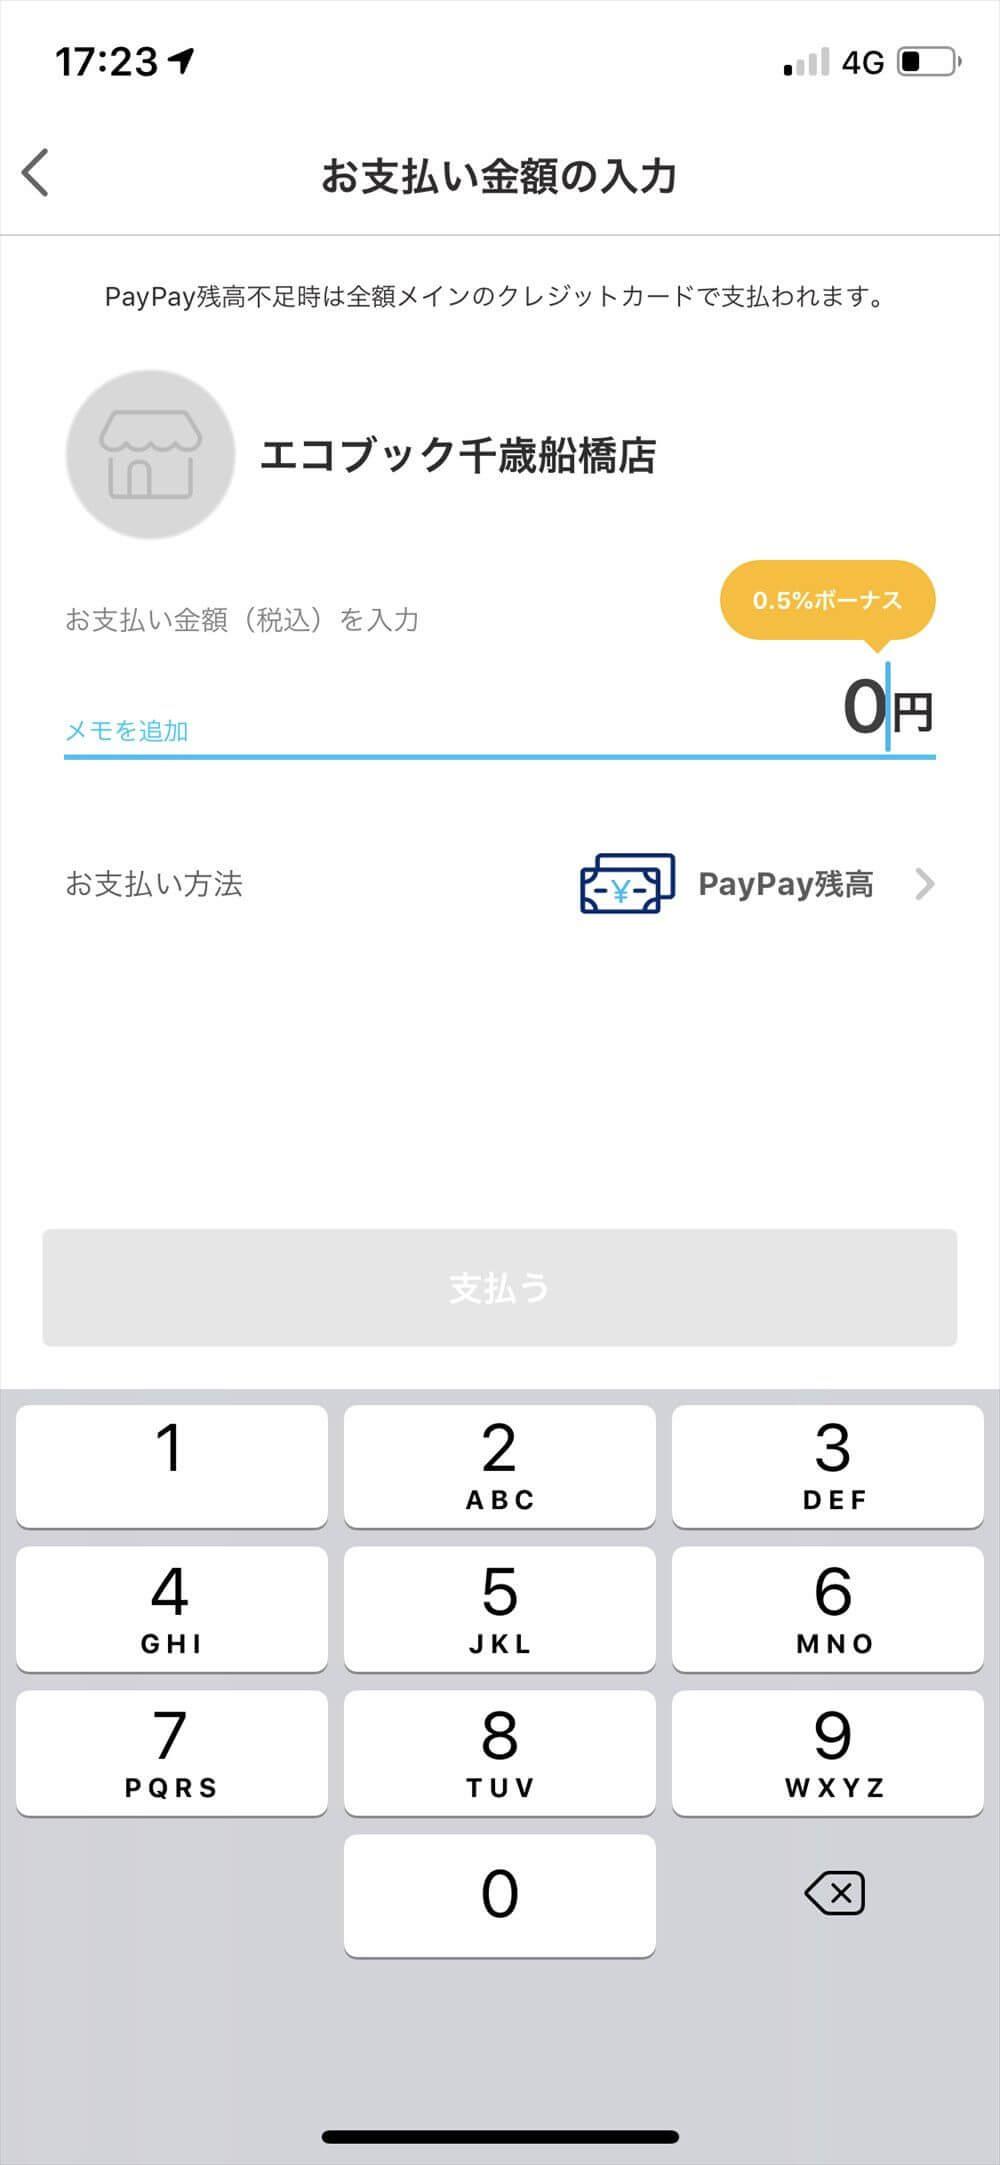 PayPayのスキャン支払い